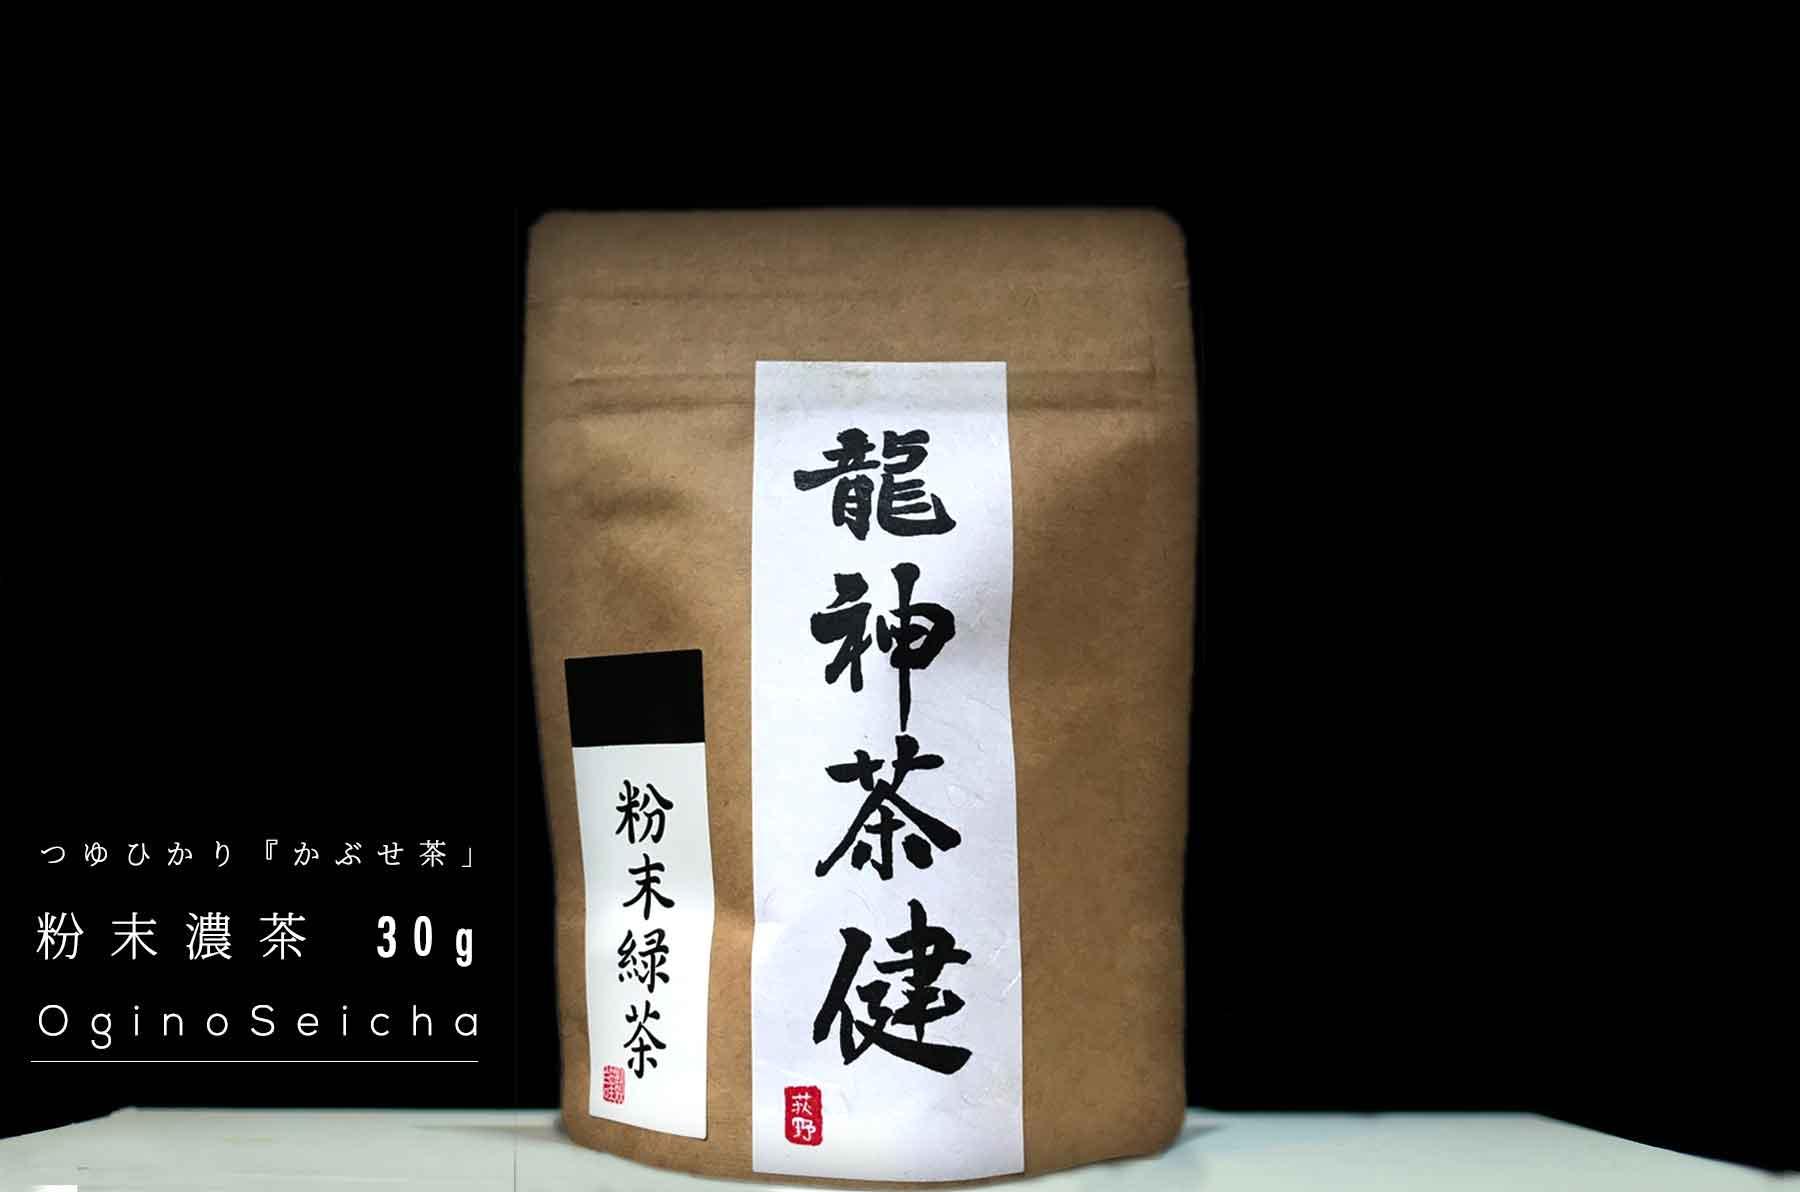 かぶせ茶の粉末緑茶 30g 茶葉をそのまま粉砕!